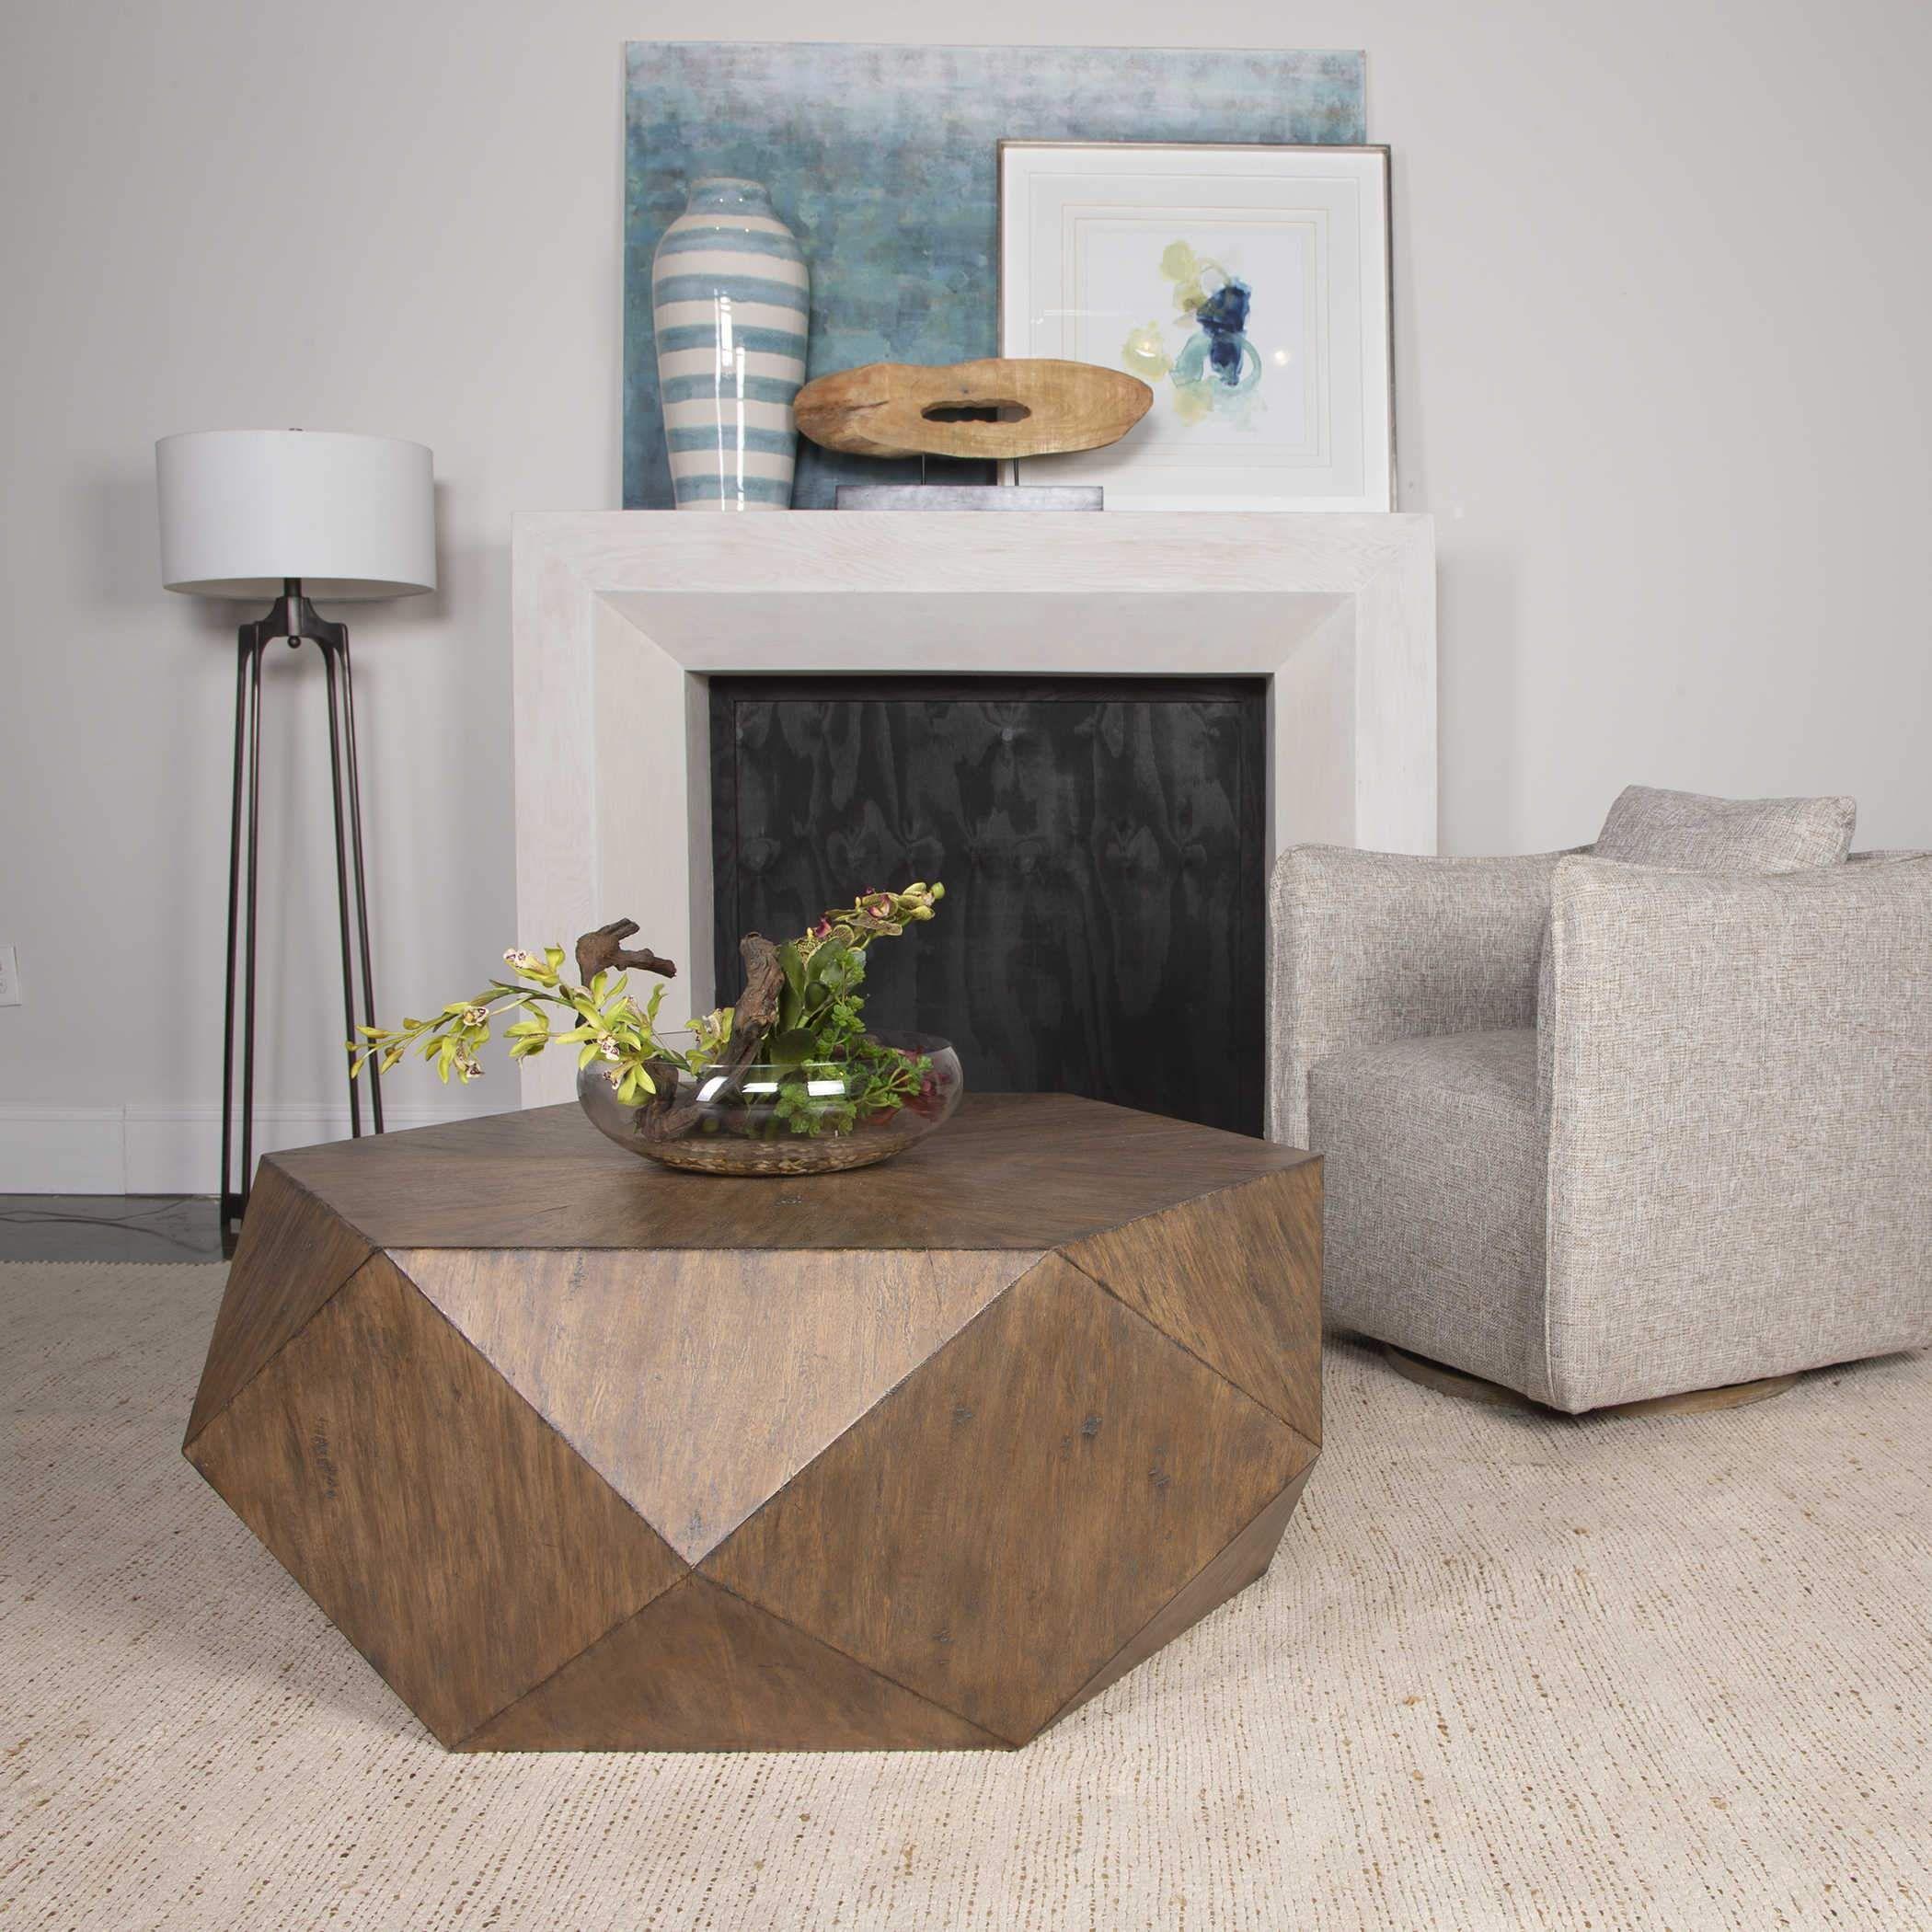 Volker Brune Coffee Table In 2021 Coffee Table Round Coffee Table Living Room Living Room Coffee Table [ 2100 x 2100 Pixel ]